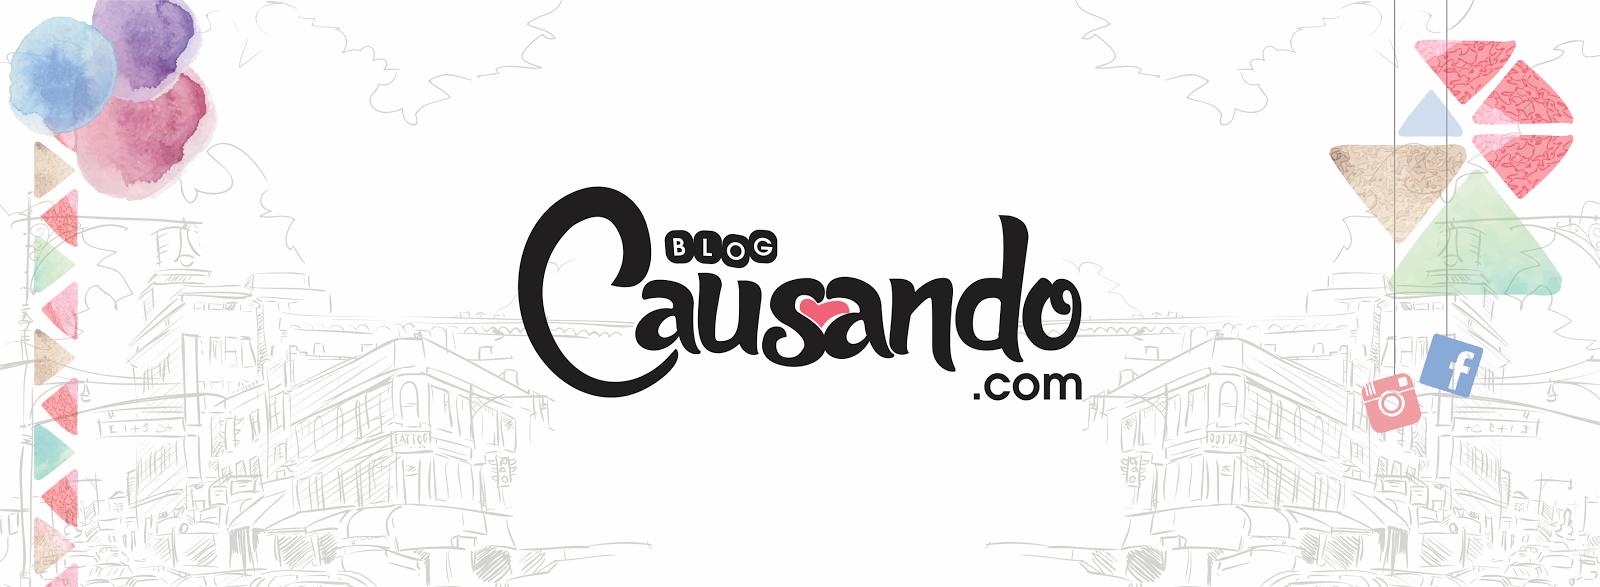 Blog Causando.Com